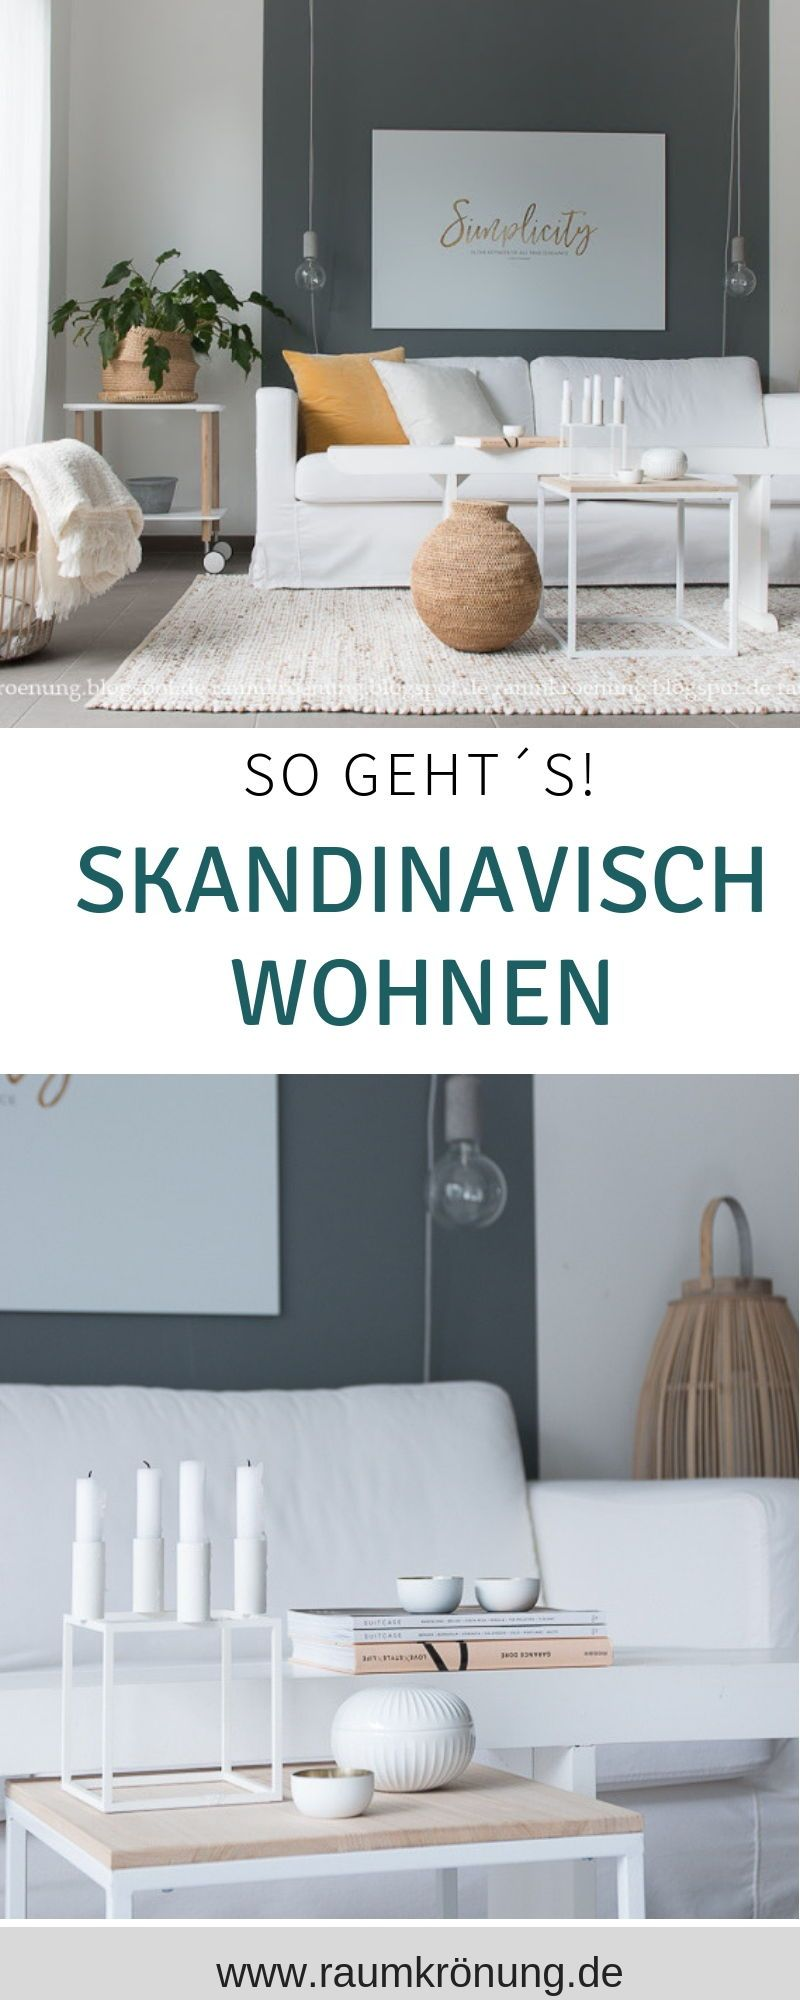 Wohnzimmer dekorierenwohnzimmer ideen skandinavisch ...